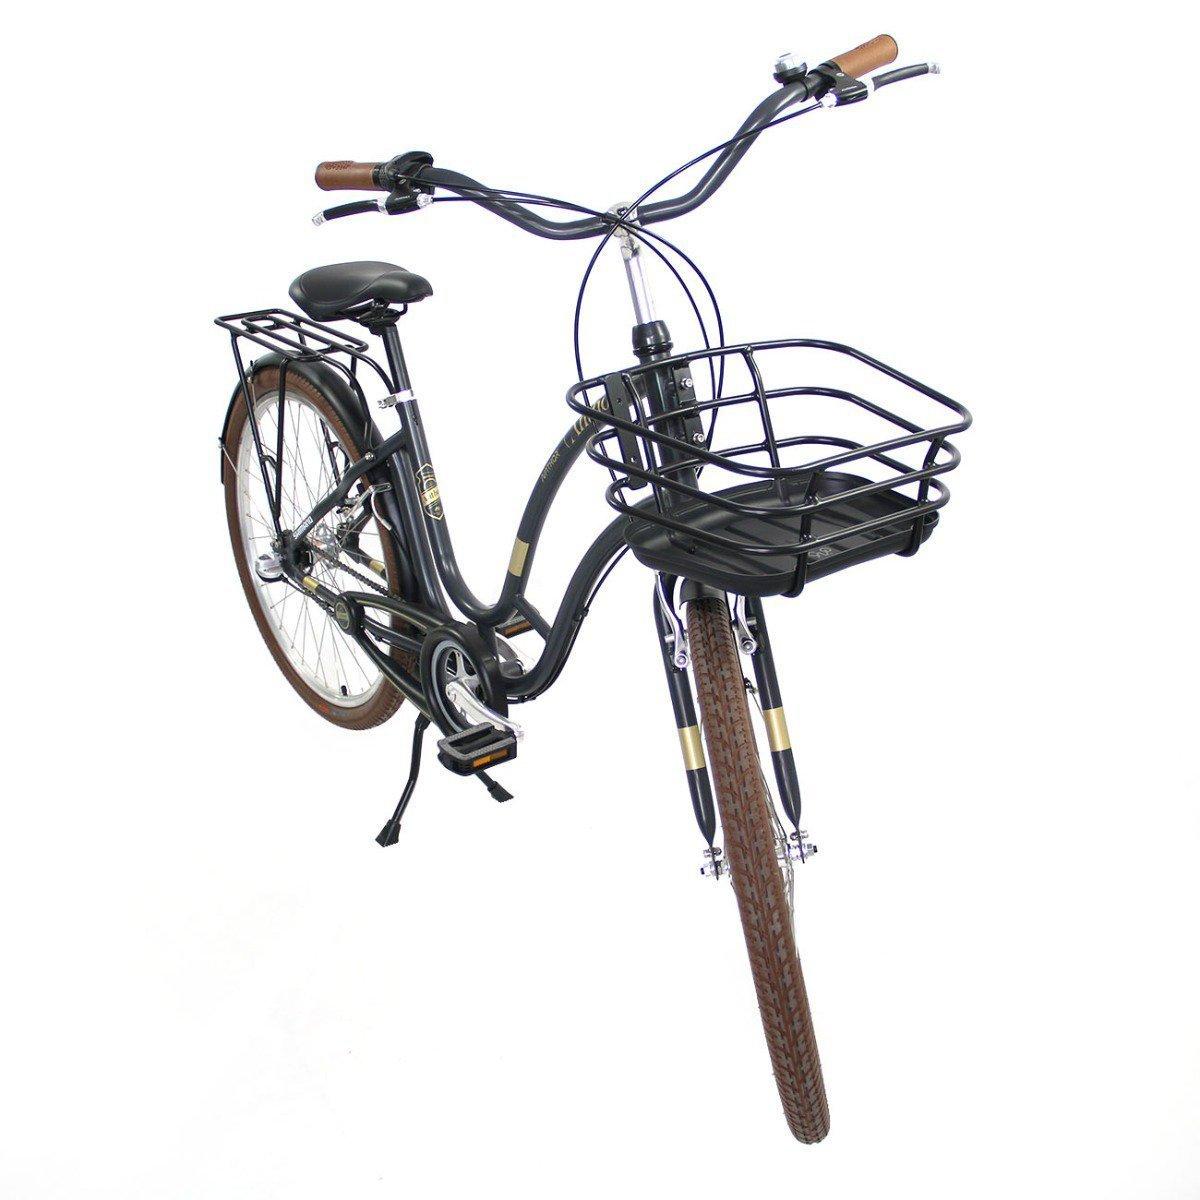 Bicicleta Nathor Antonella Aro 26 Nexus 3 vel - Urbana Unissex